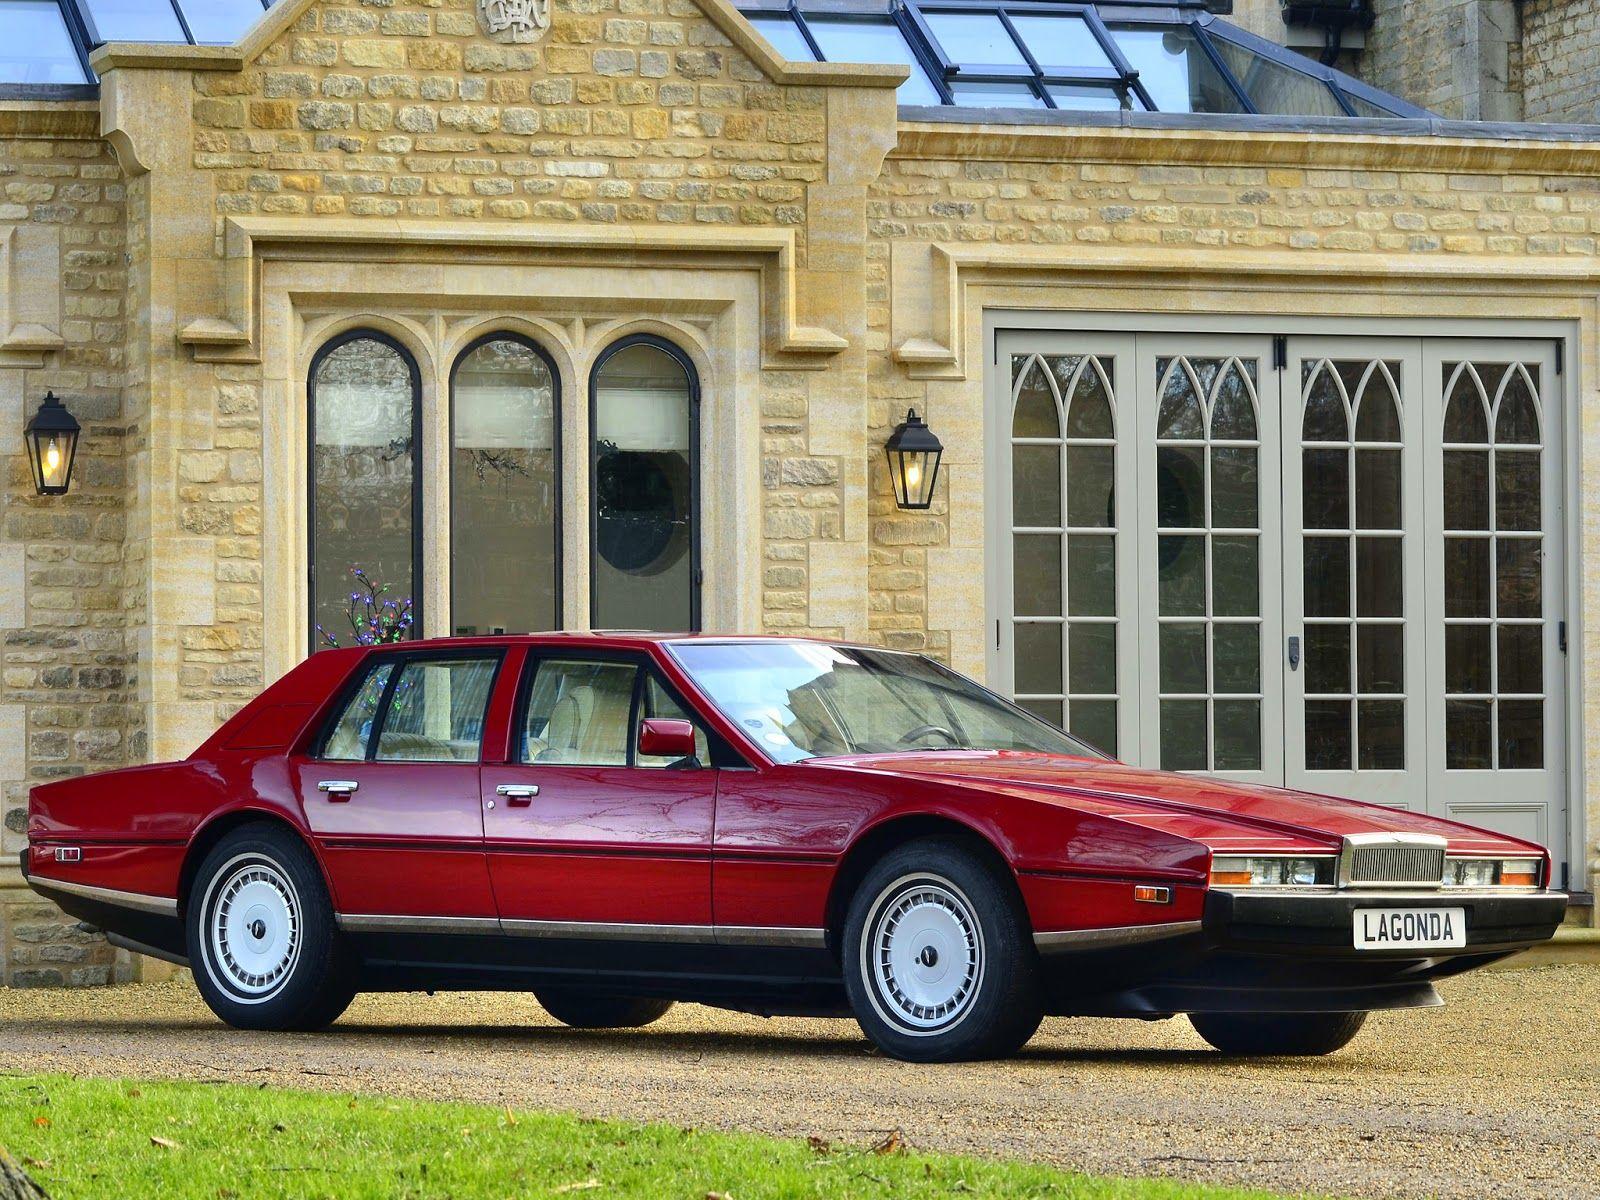 Fab Wheels Digest F W D Aston Martin Lagonda Series 2 4 1976 90 Aston Martin Lagonda Aston Martin Classic Aston Martin